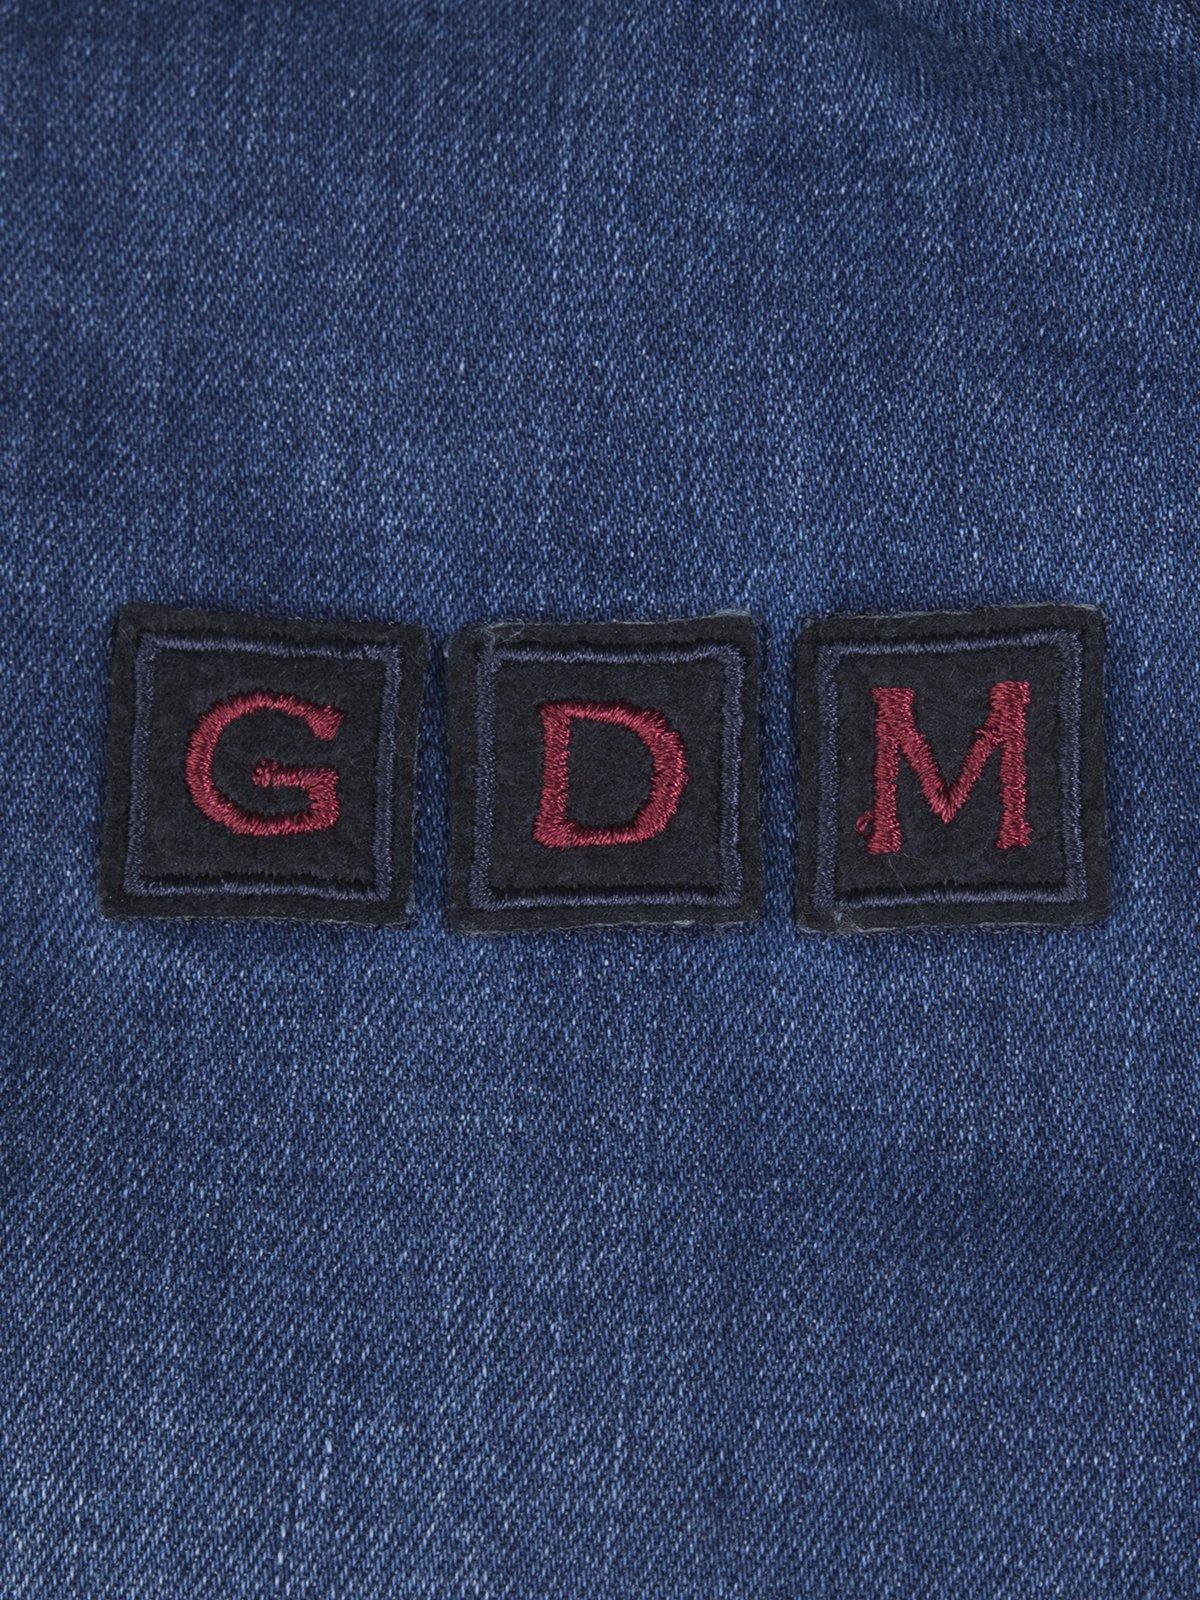 Куртка синяя | 3989507 | фото 3